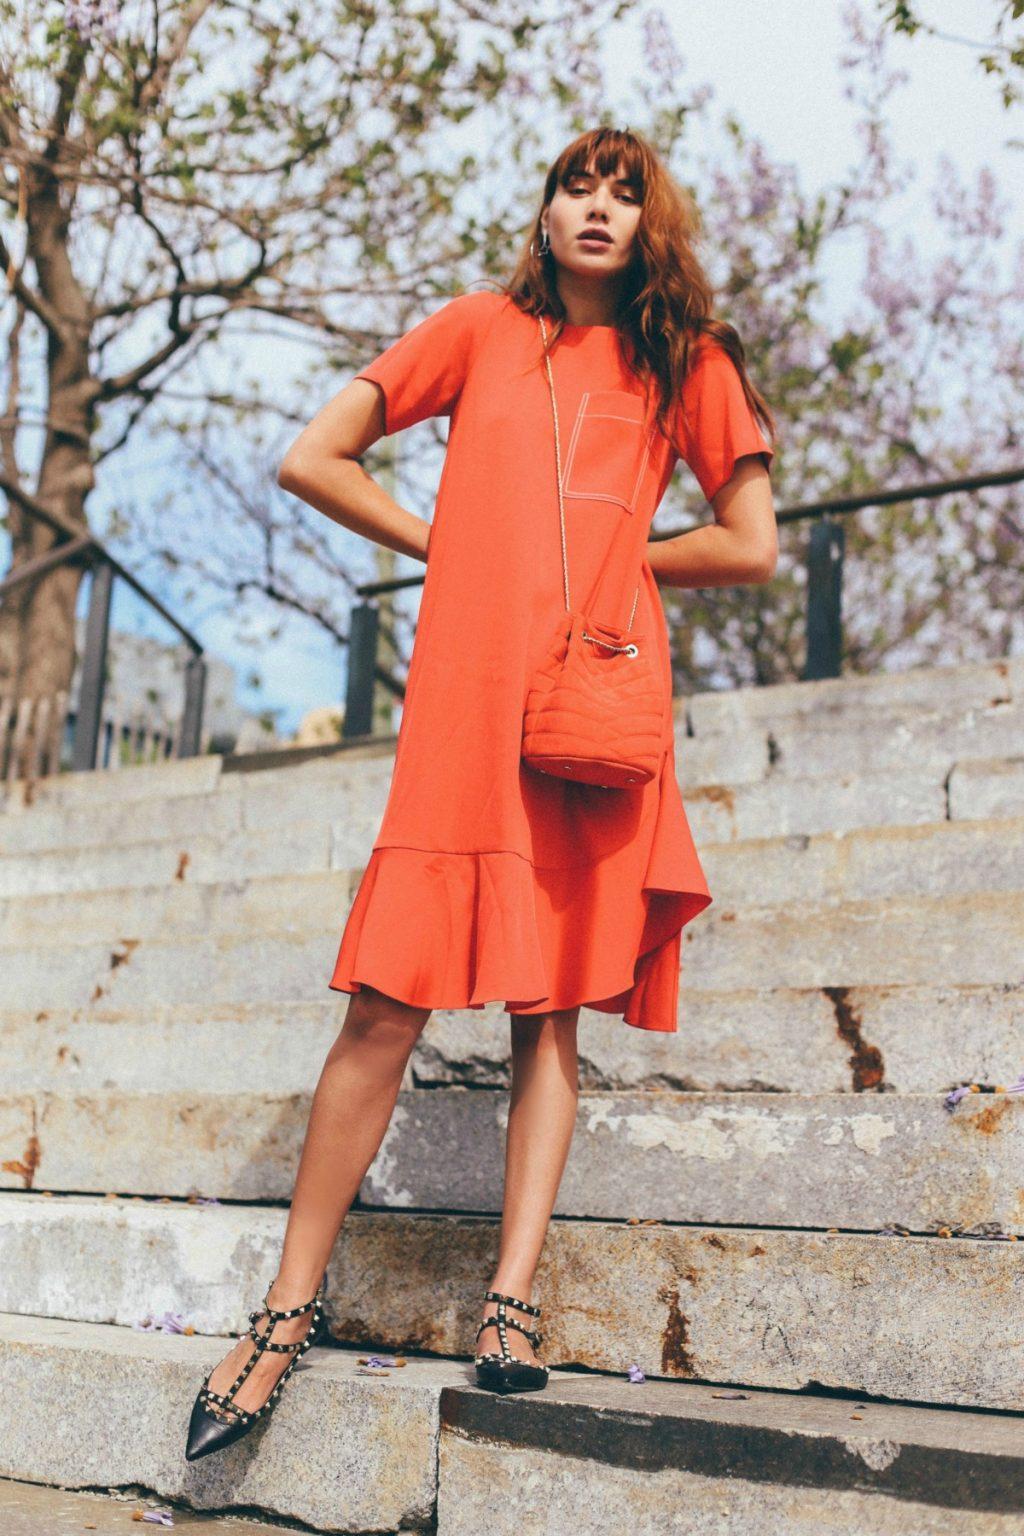 Fahionista mặc váy màu cam và đi giày bệt đen